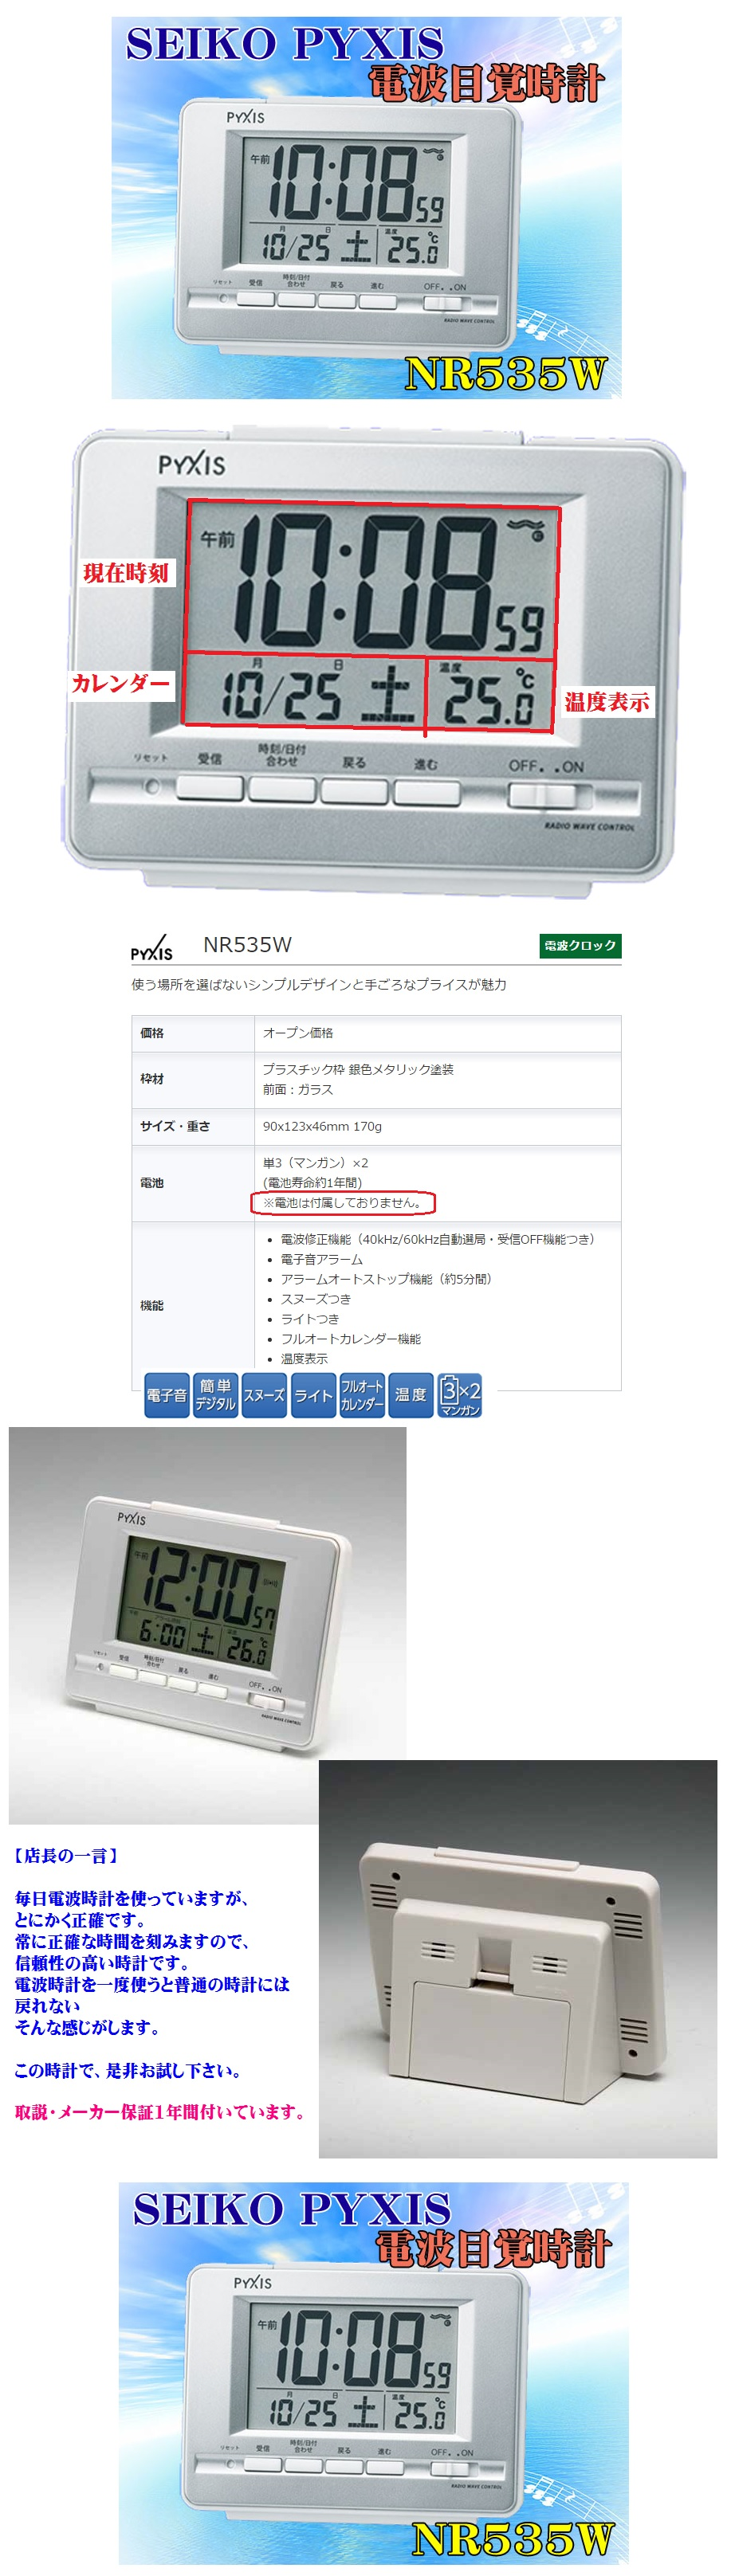 大ヒット!セイコー電波時計目覚時計 17時までの入金確認で当日発送可能です。